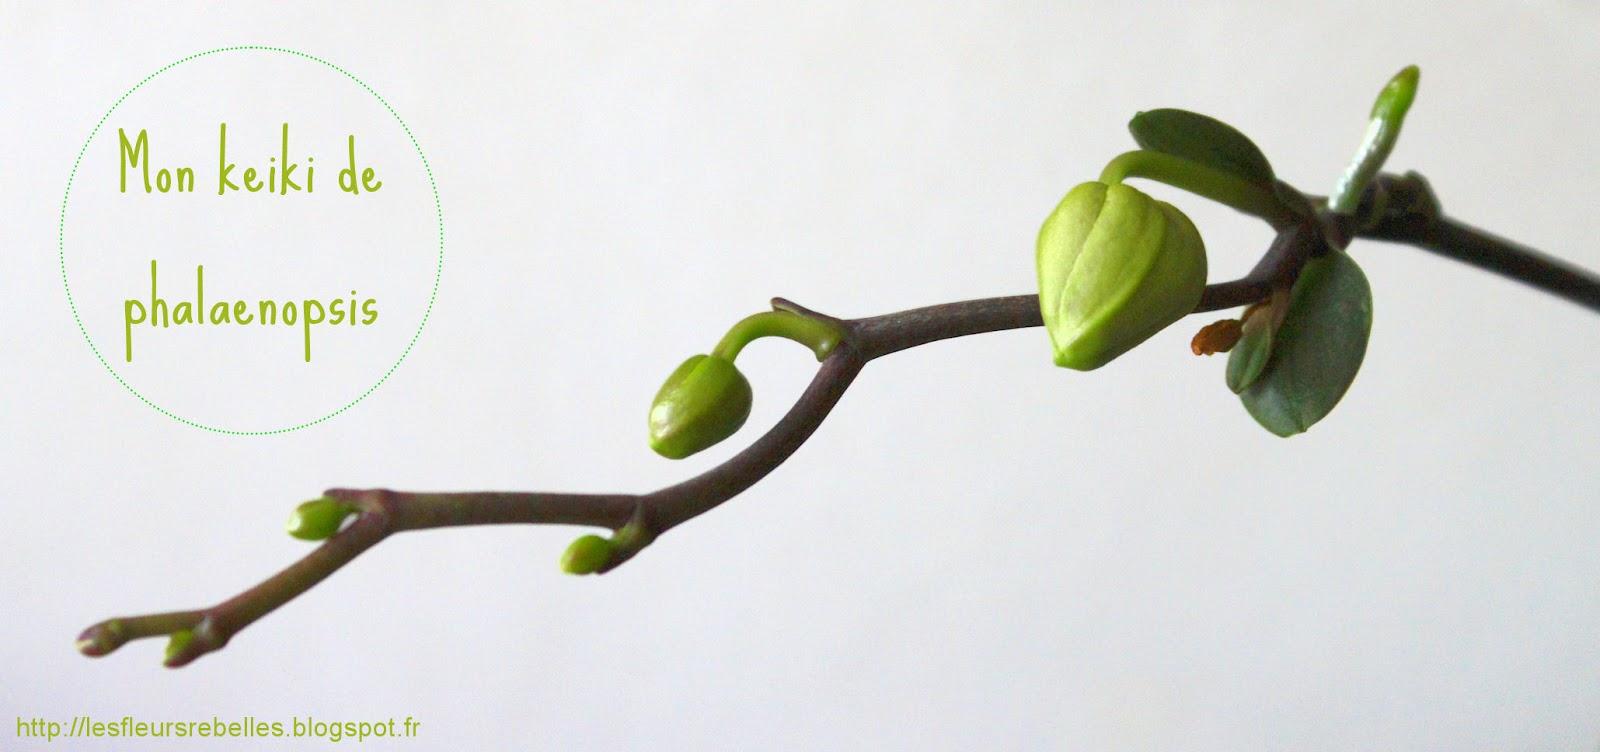 Diy comment s parer et rempoter un keiki de phalaenopsis - Comment couper orchidee apres floraison ...